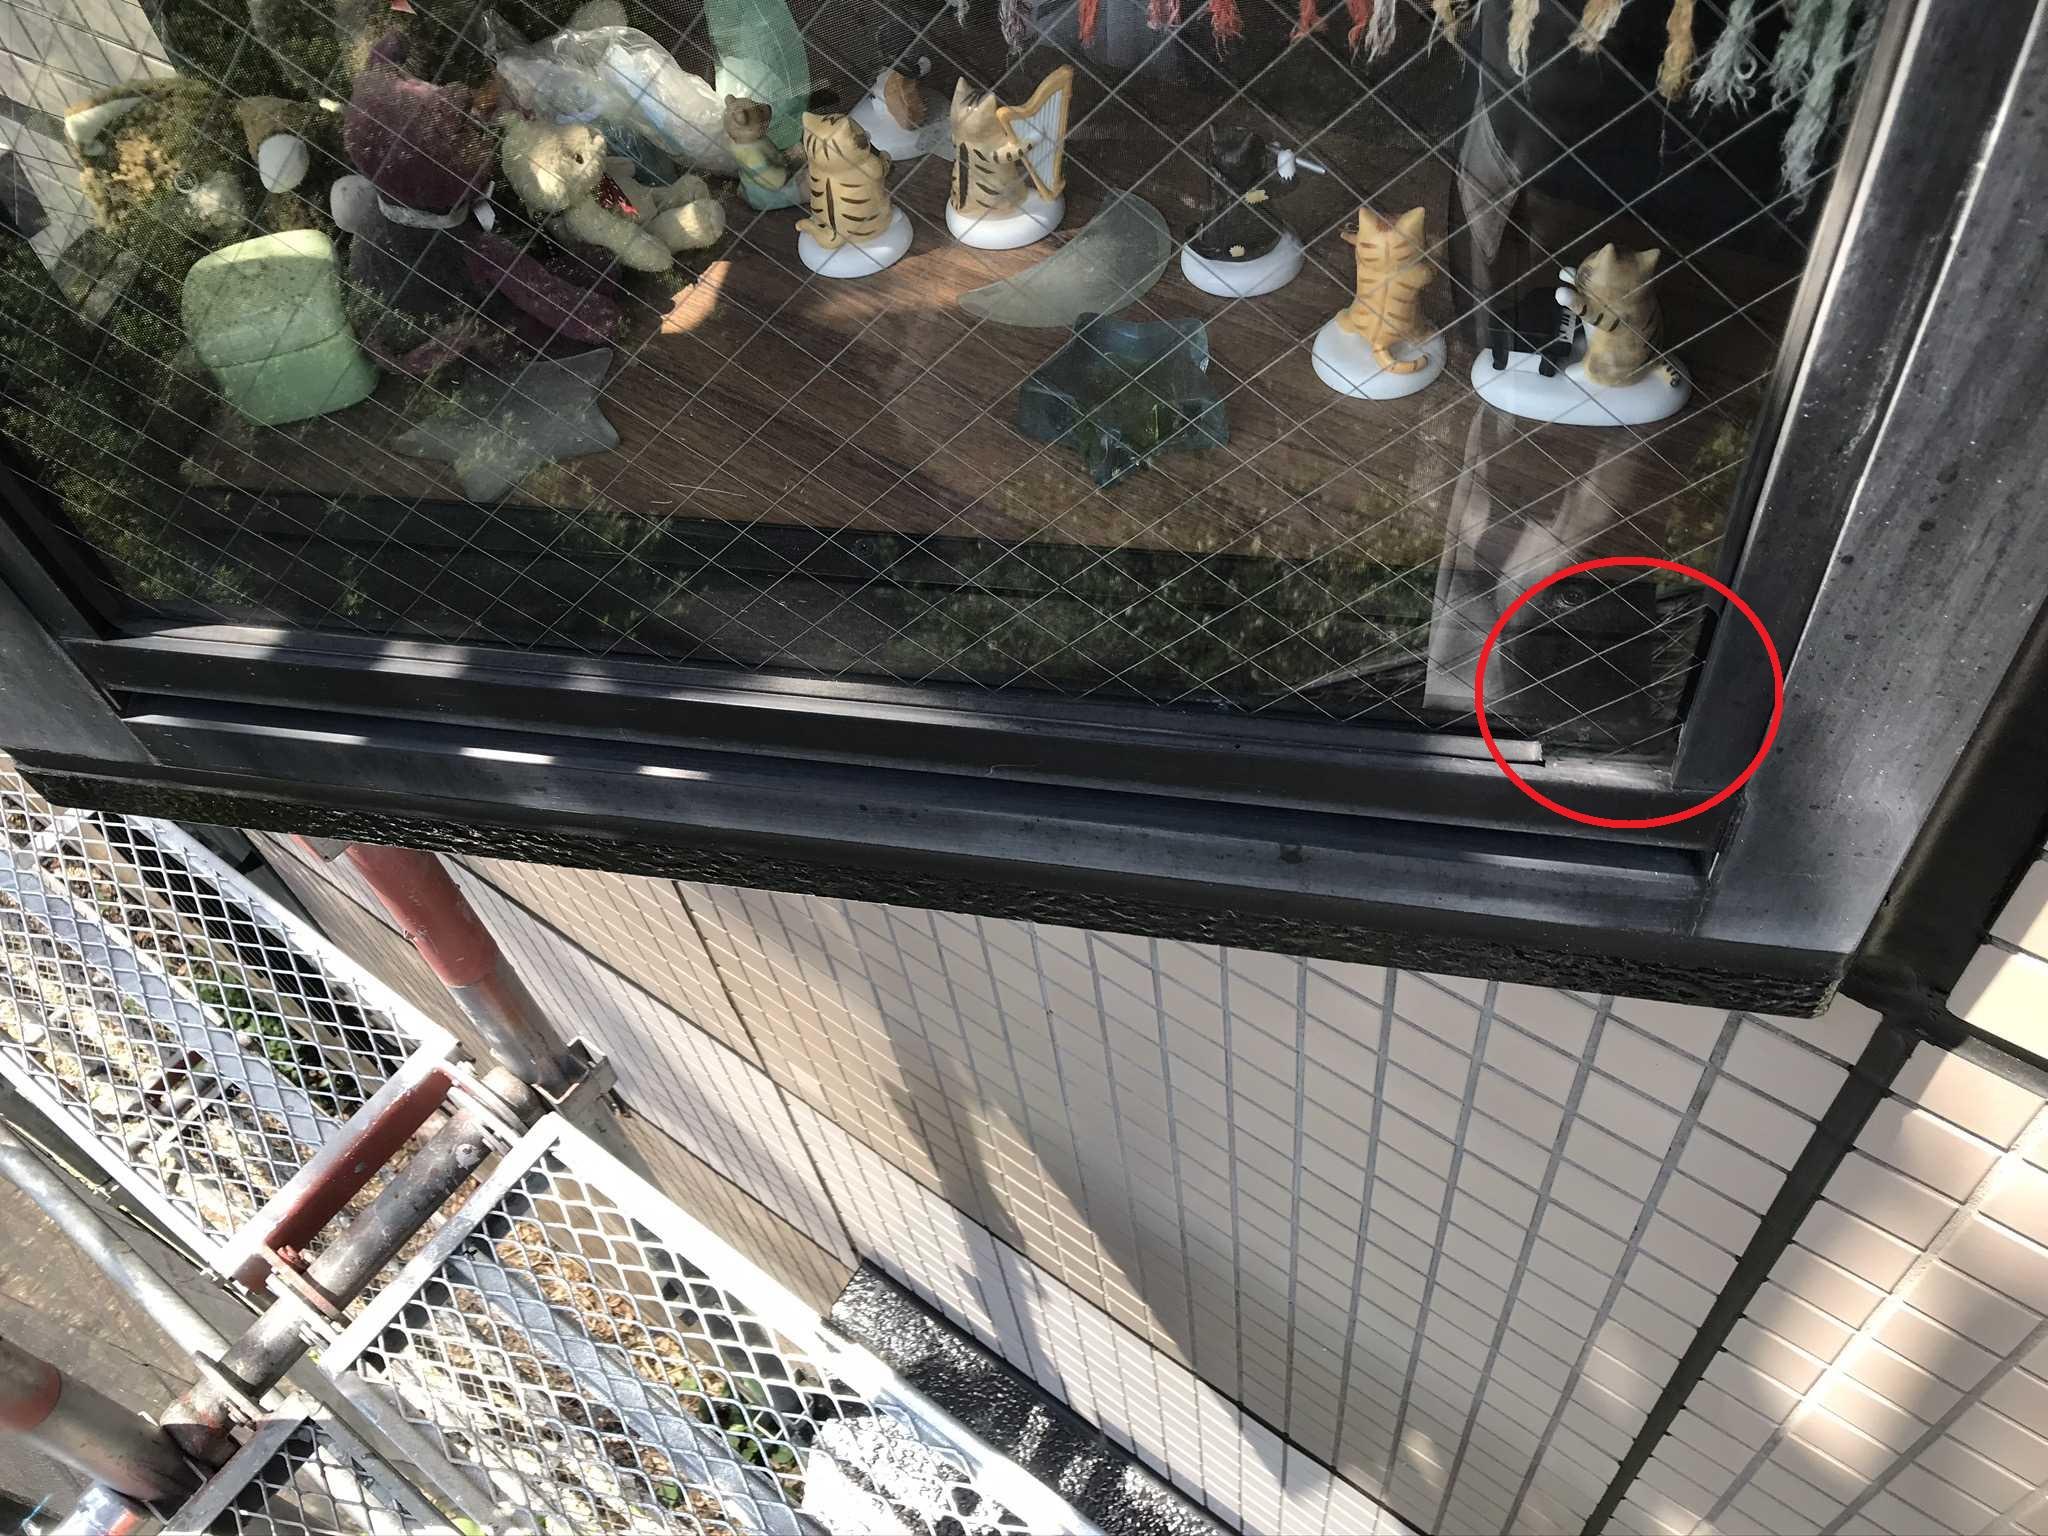 さいたま市北区マンション築20年で劣化した窓枠止めゴムパッキン